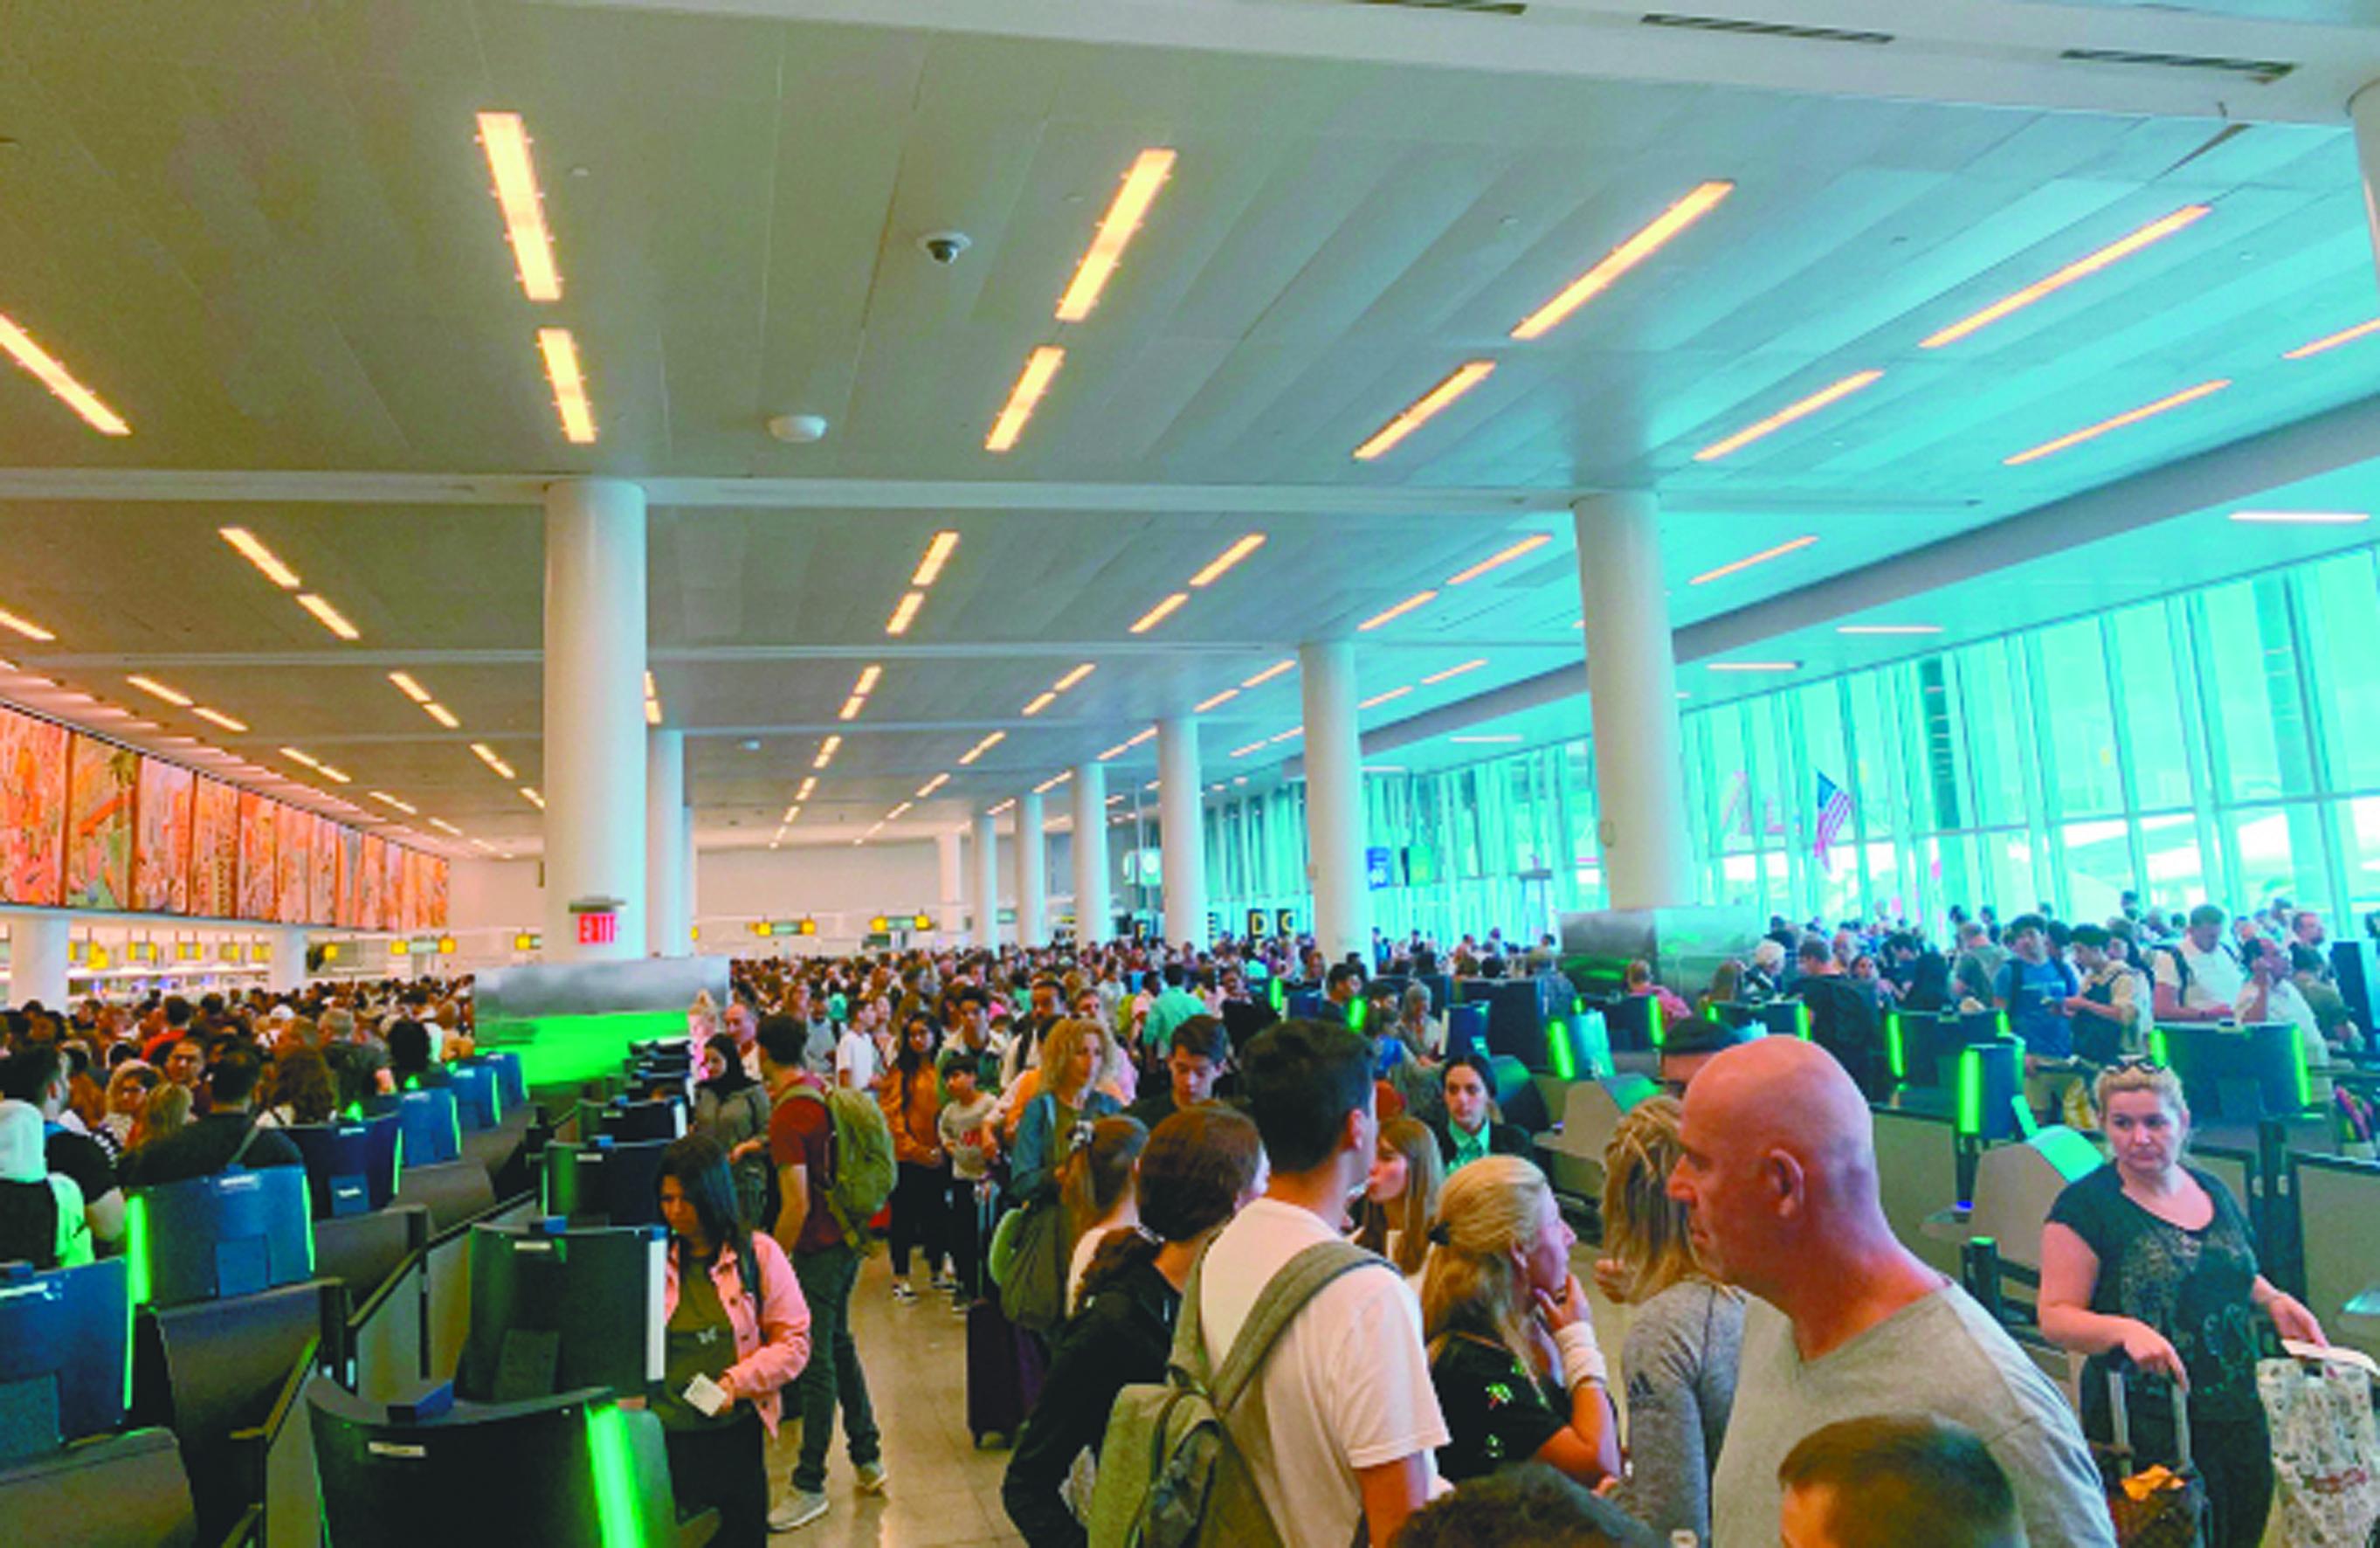 國土安全部禁止紐約居民參加被信任的旅行者計畫,意味著近20萬紐約州居民不能在美墨與美加邊境和機場通關時享有快速通關待遇。(美聯社)